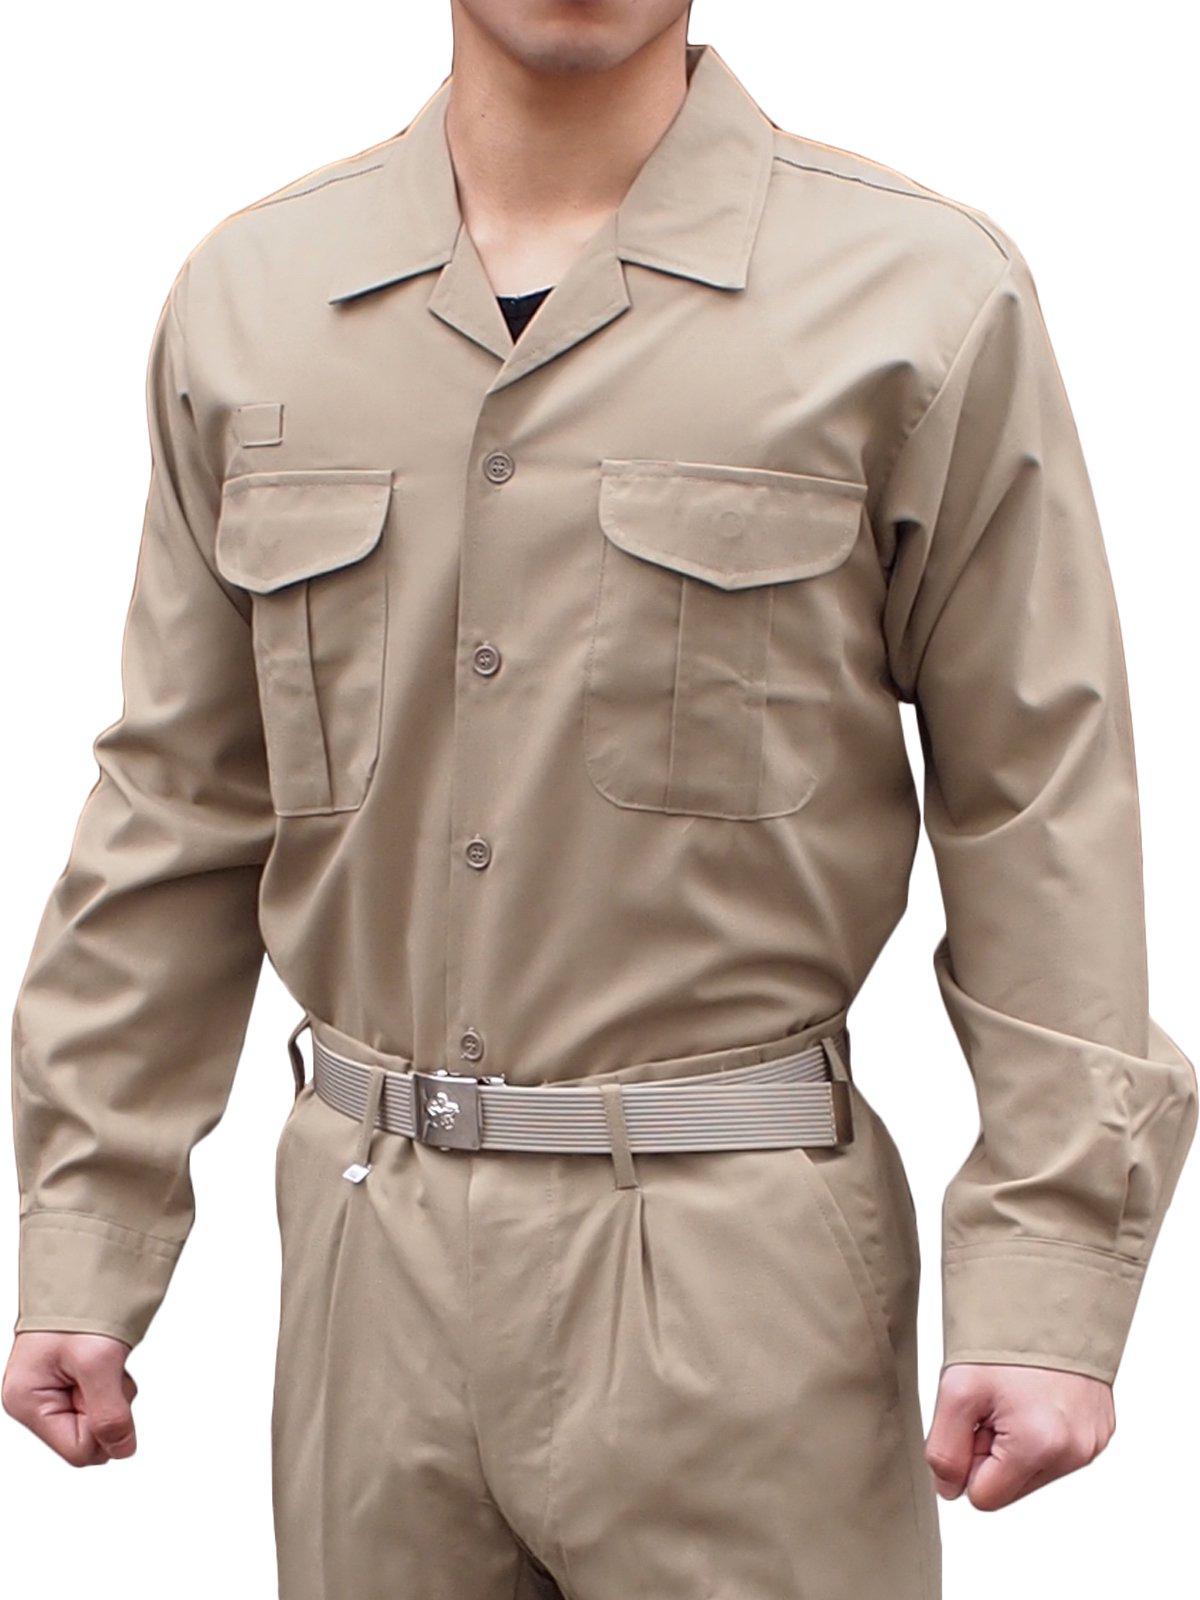 消防盛夏服(カーキ)開衿長袖上衣